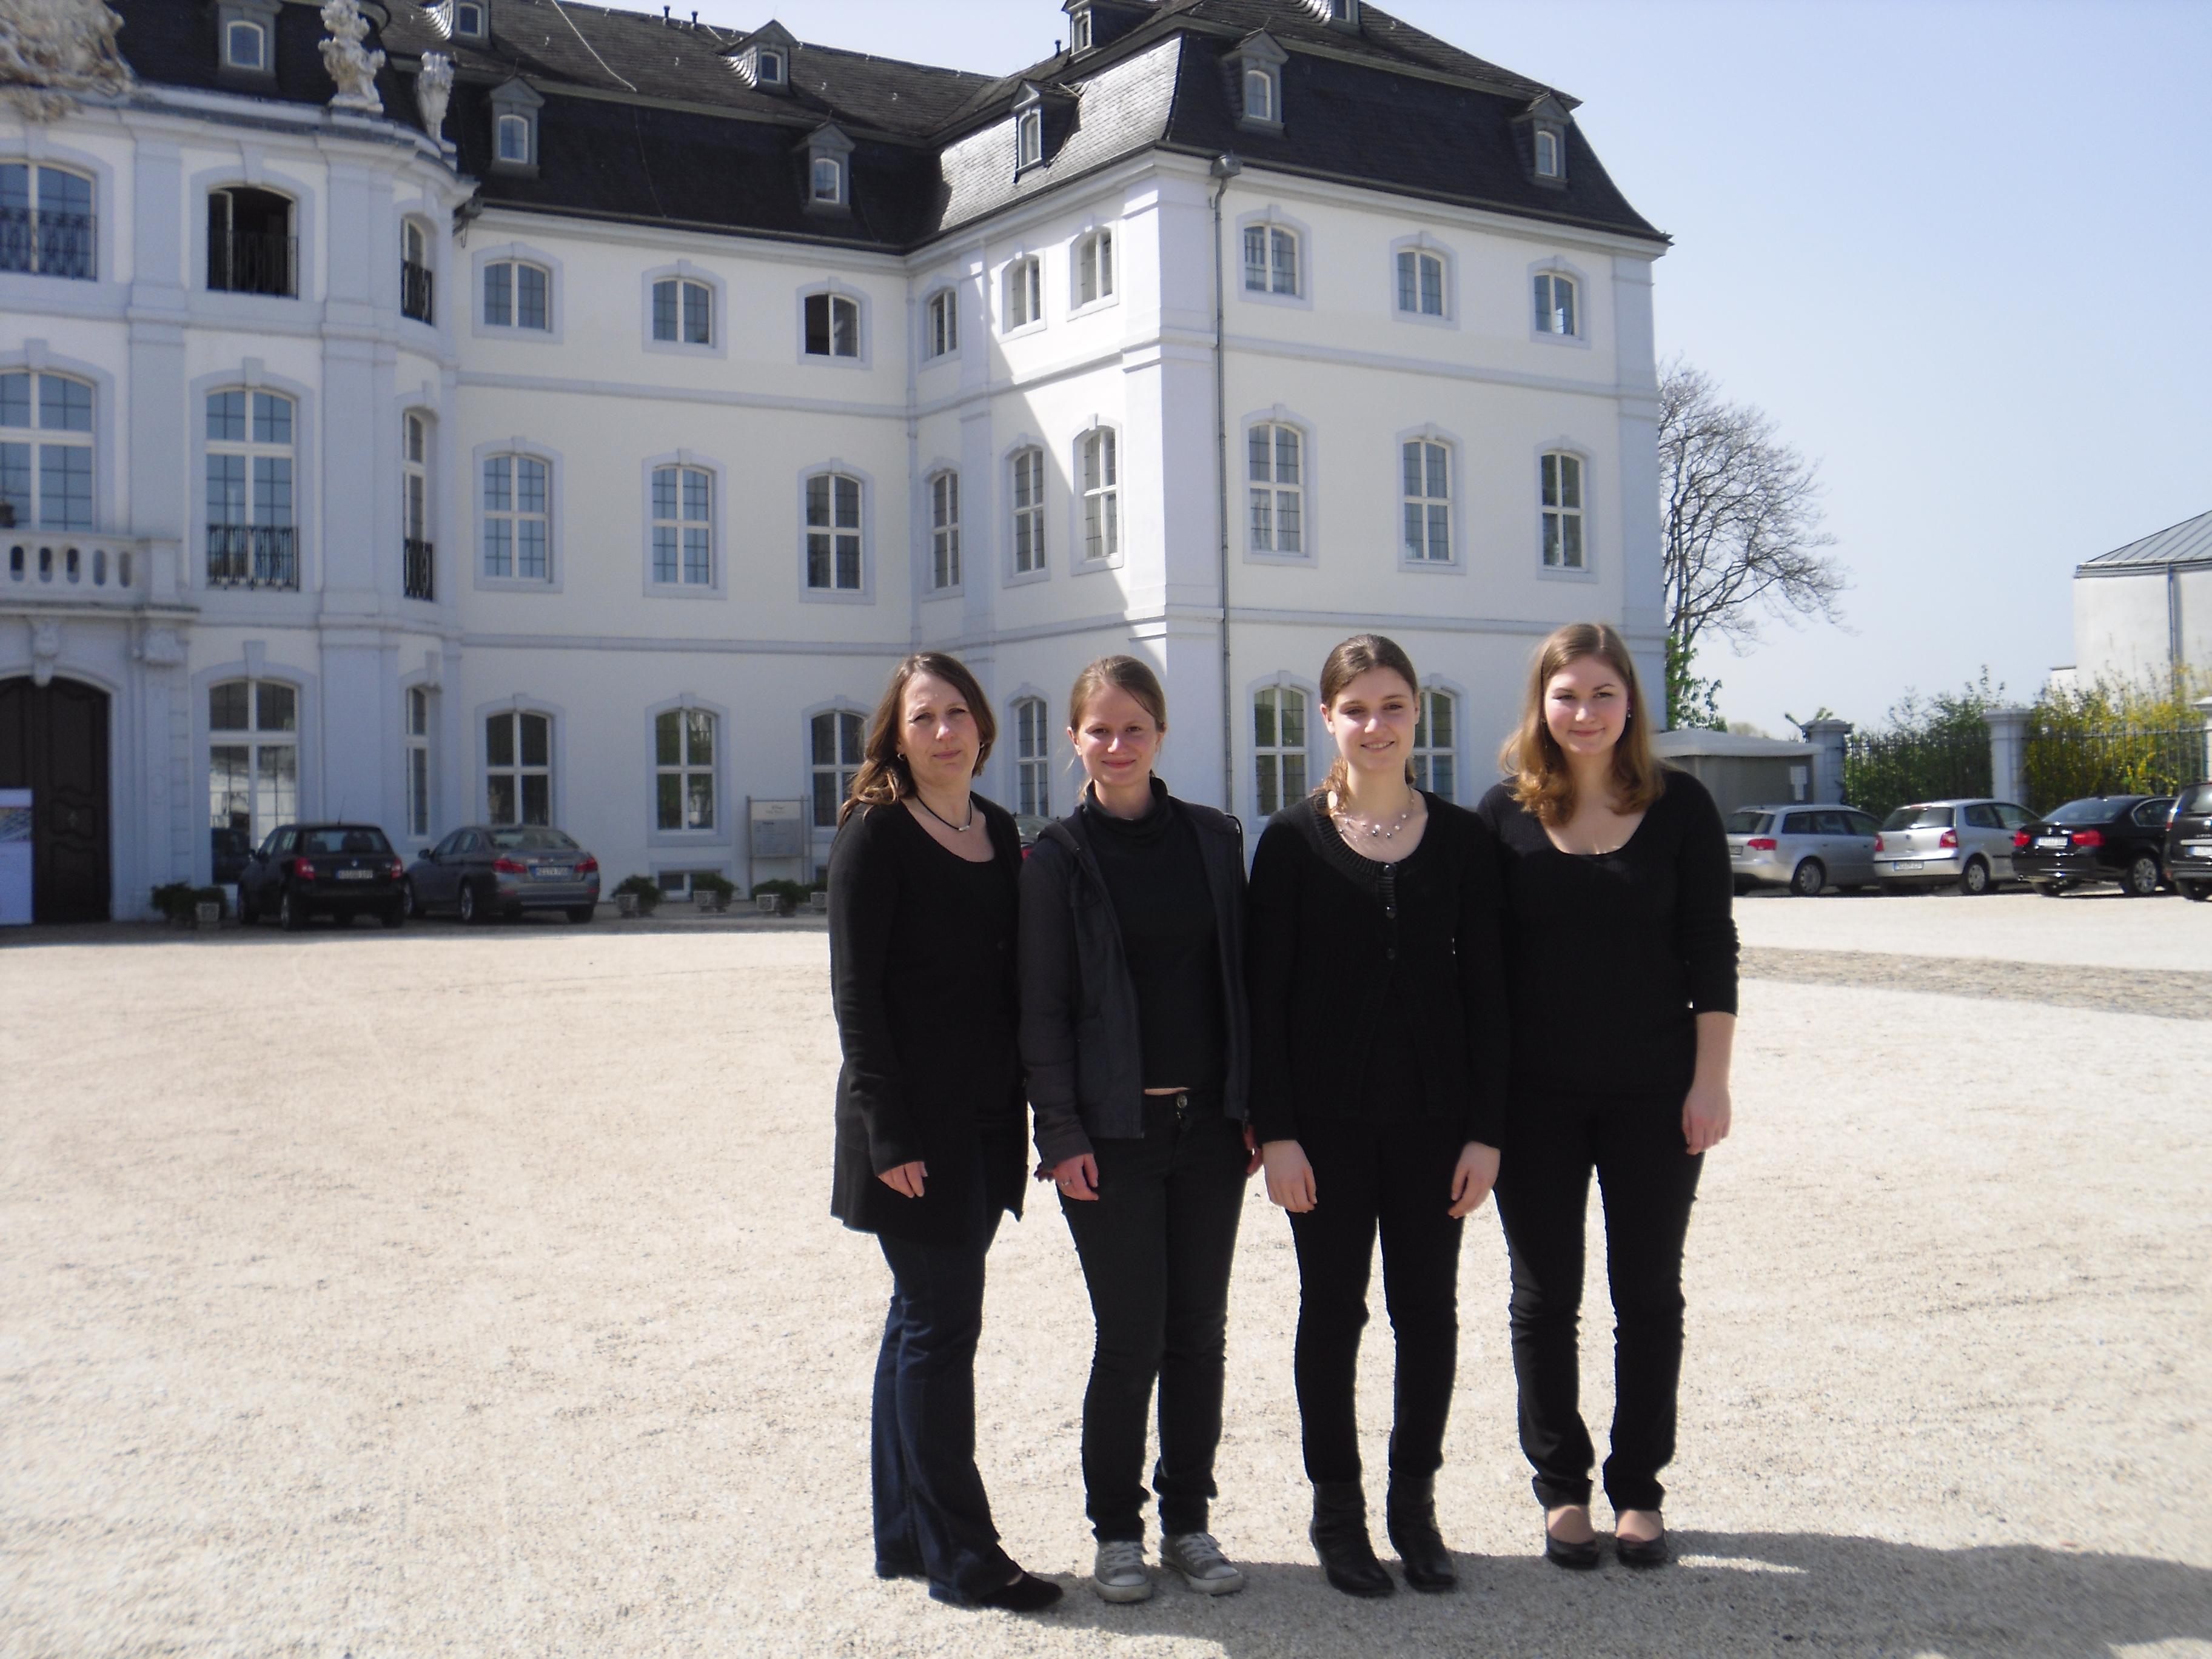 Leonie Kusserow, Eva Pischel, Melissa Halm mit E.Limbach vor der Landesmusikakademie Schloss Engers